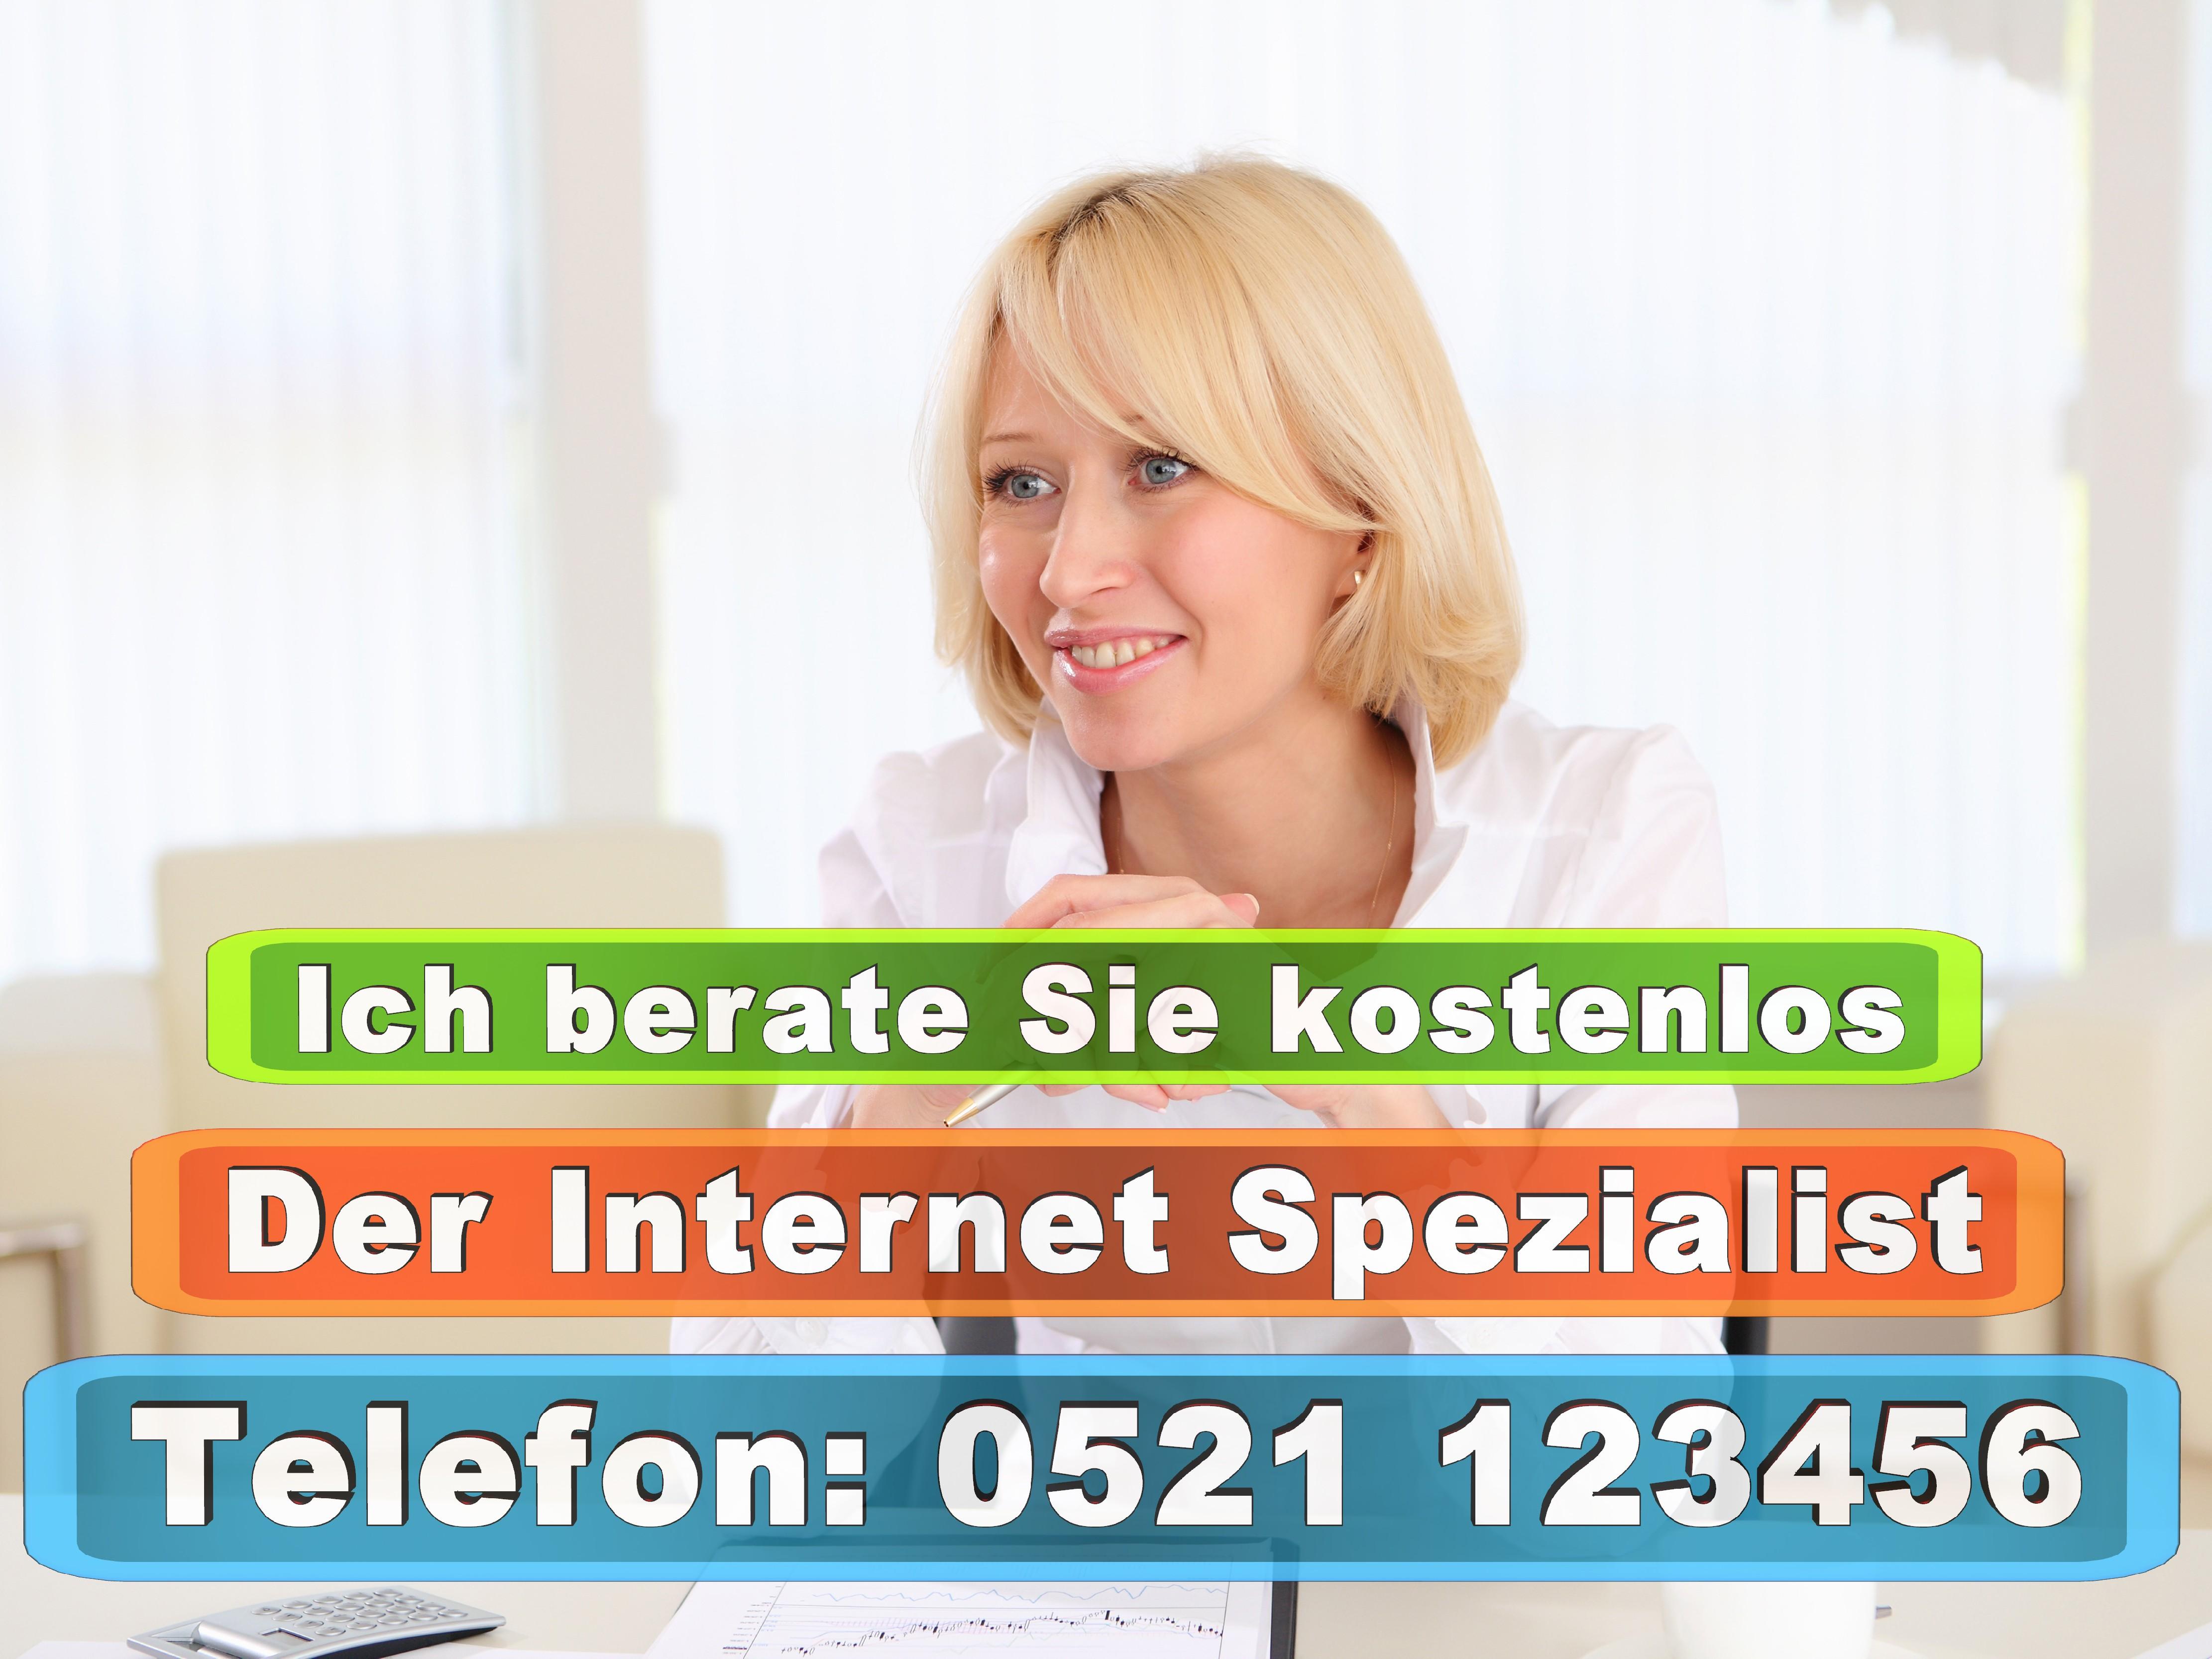 Steuerberater Bielefeld Rechtsanwalt Bielefeld Hausverwaltung Bielefeld Immobilien Bielefeld Architekt Bielefeld Büro Versicherungen (31)